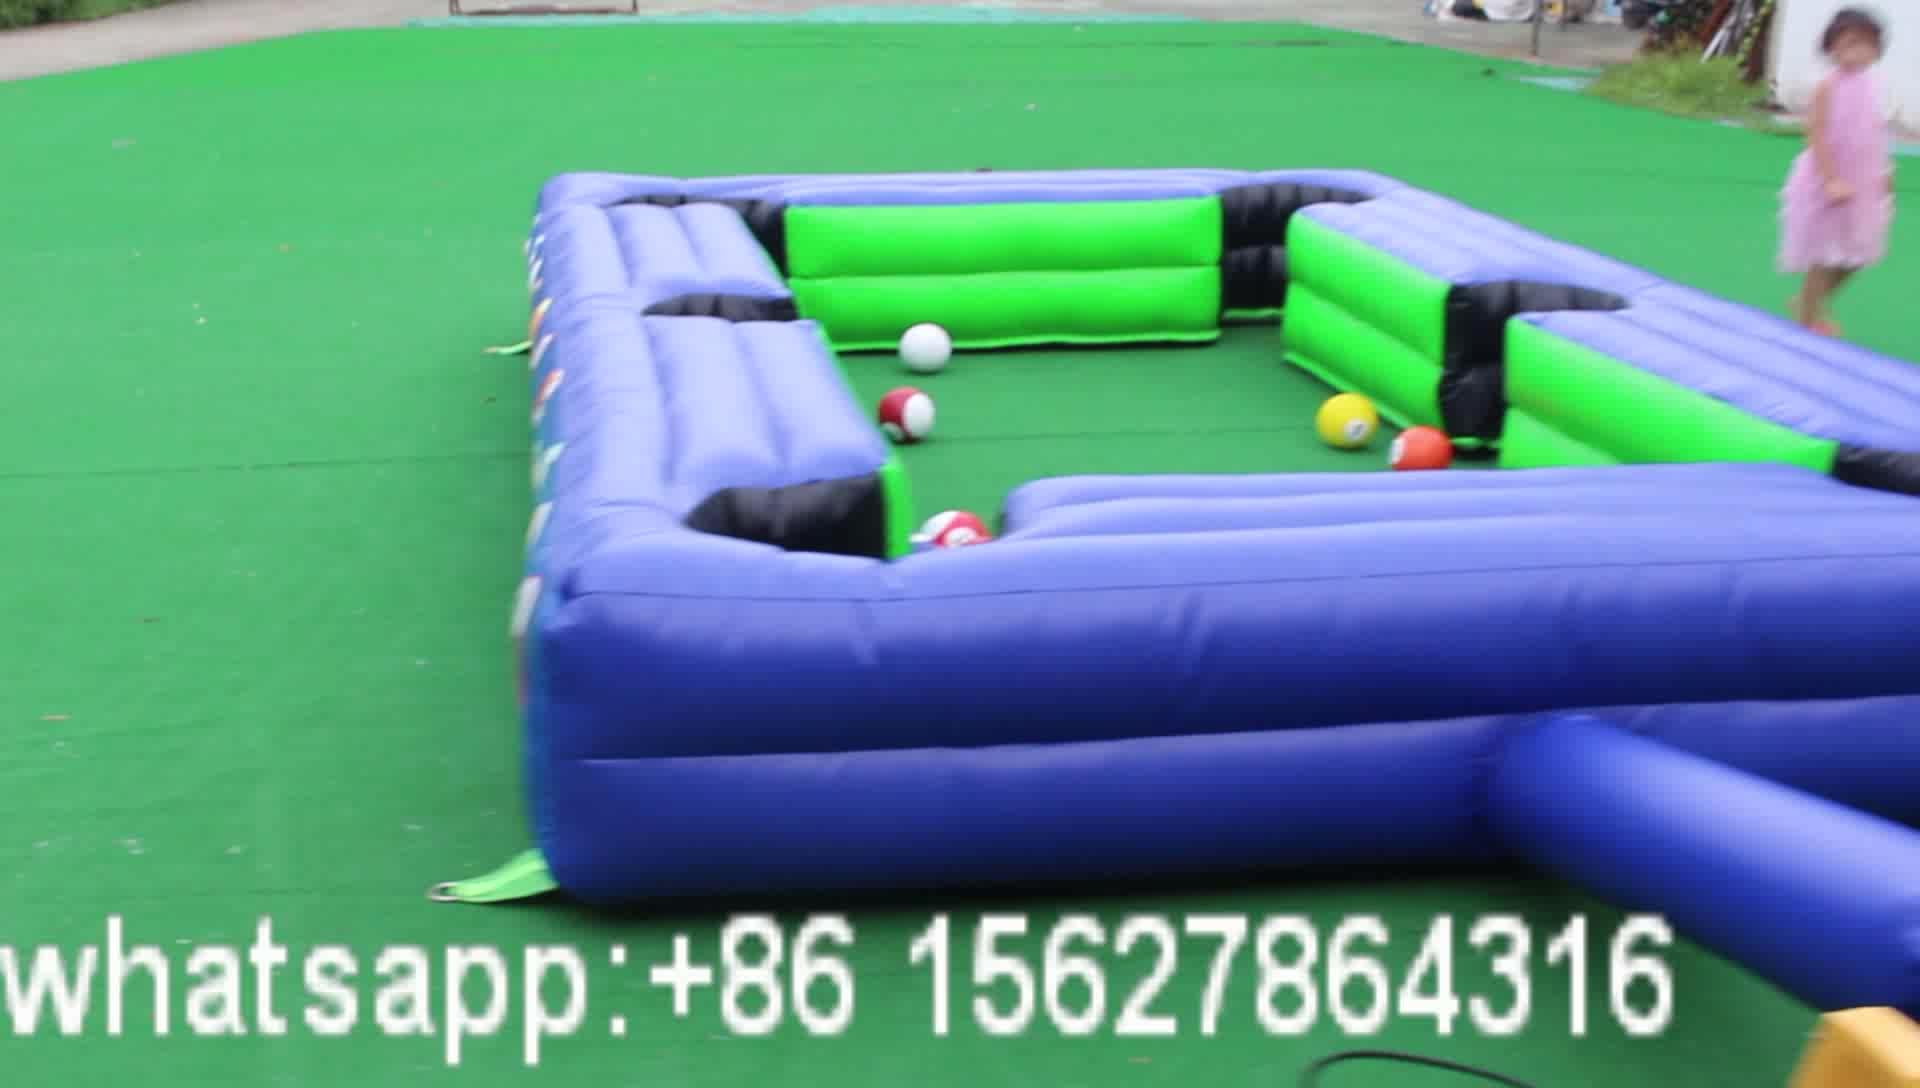 ที่น่าสนใจพองลูกลูกสนุ๊กเกอร์เกมสนามเด็กเล่นฟุตบอลโต๊ะพูลพองลูกบิลเลียด